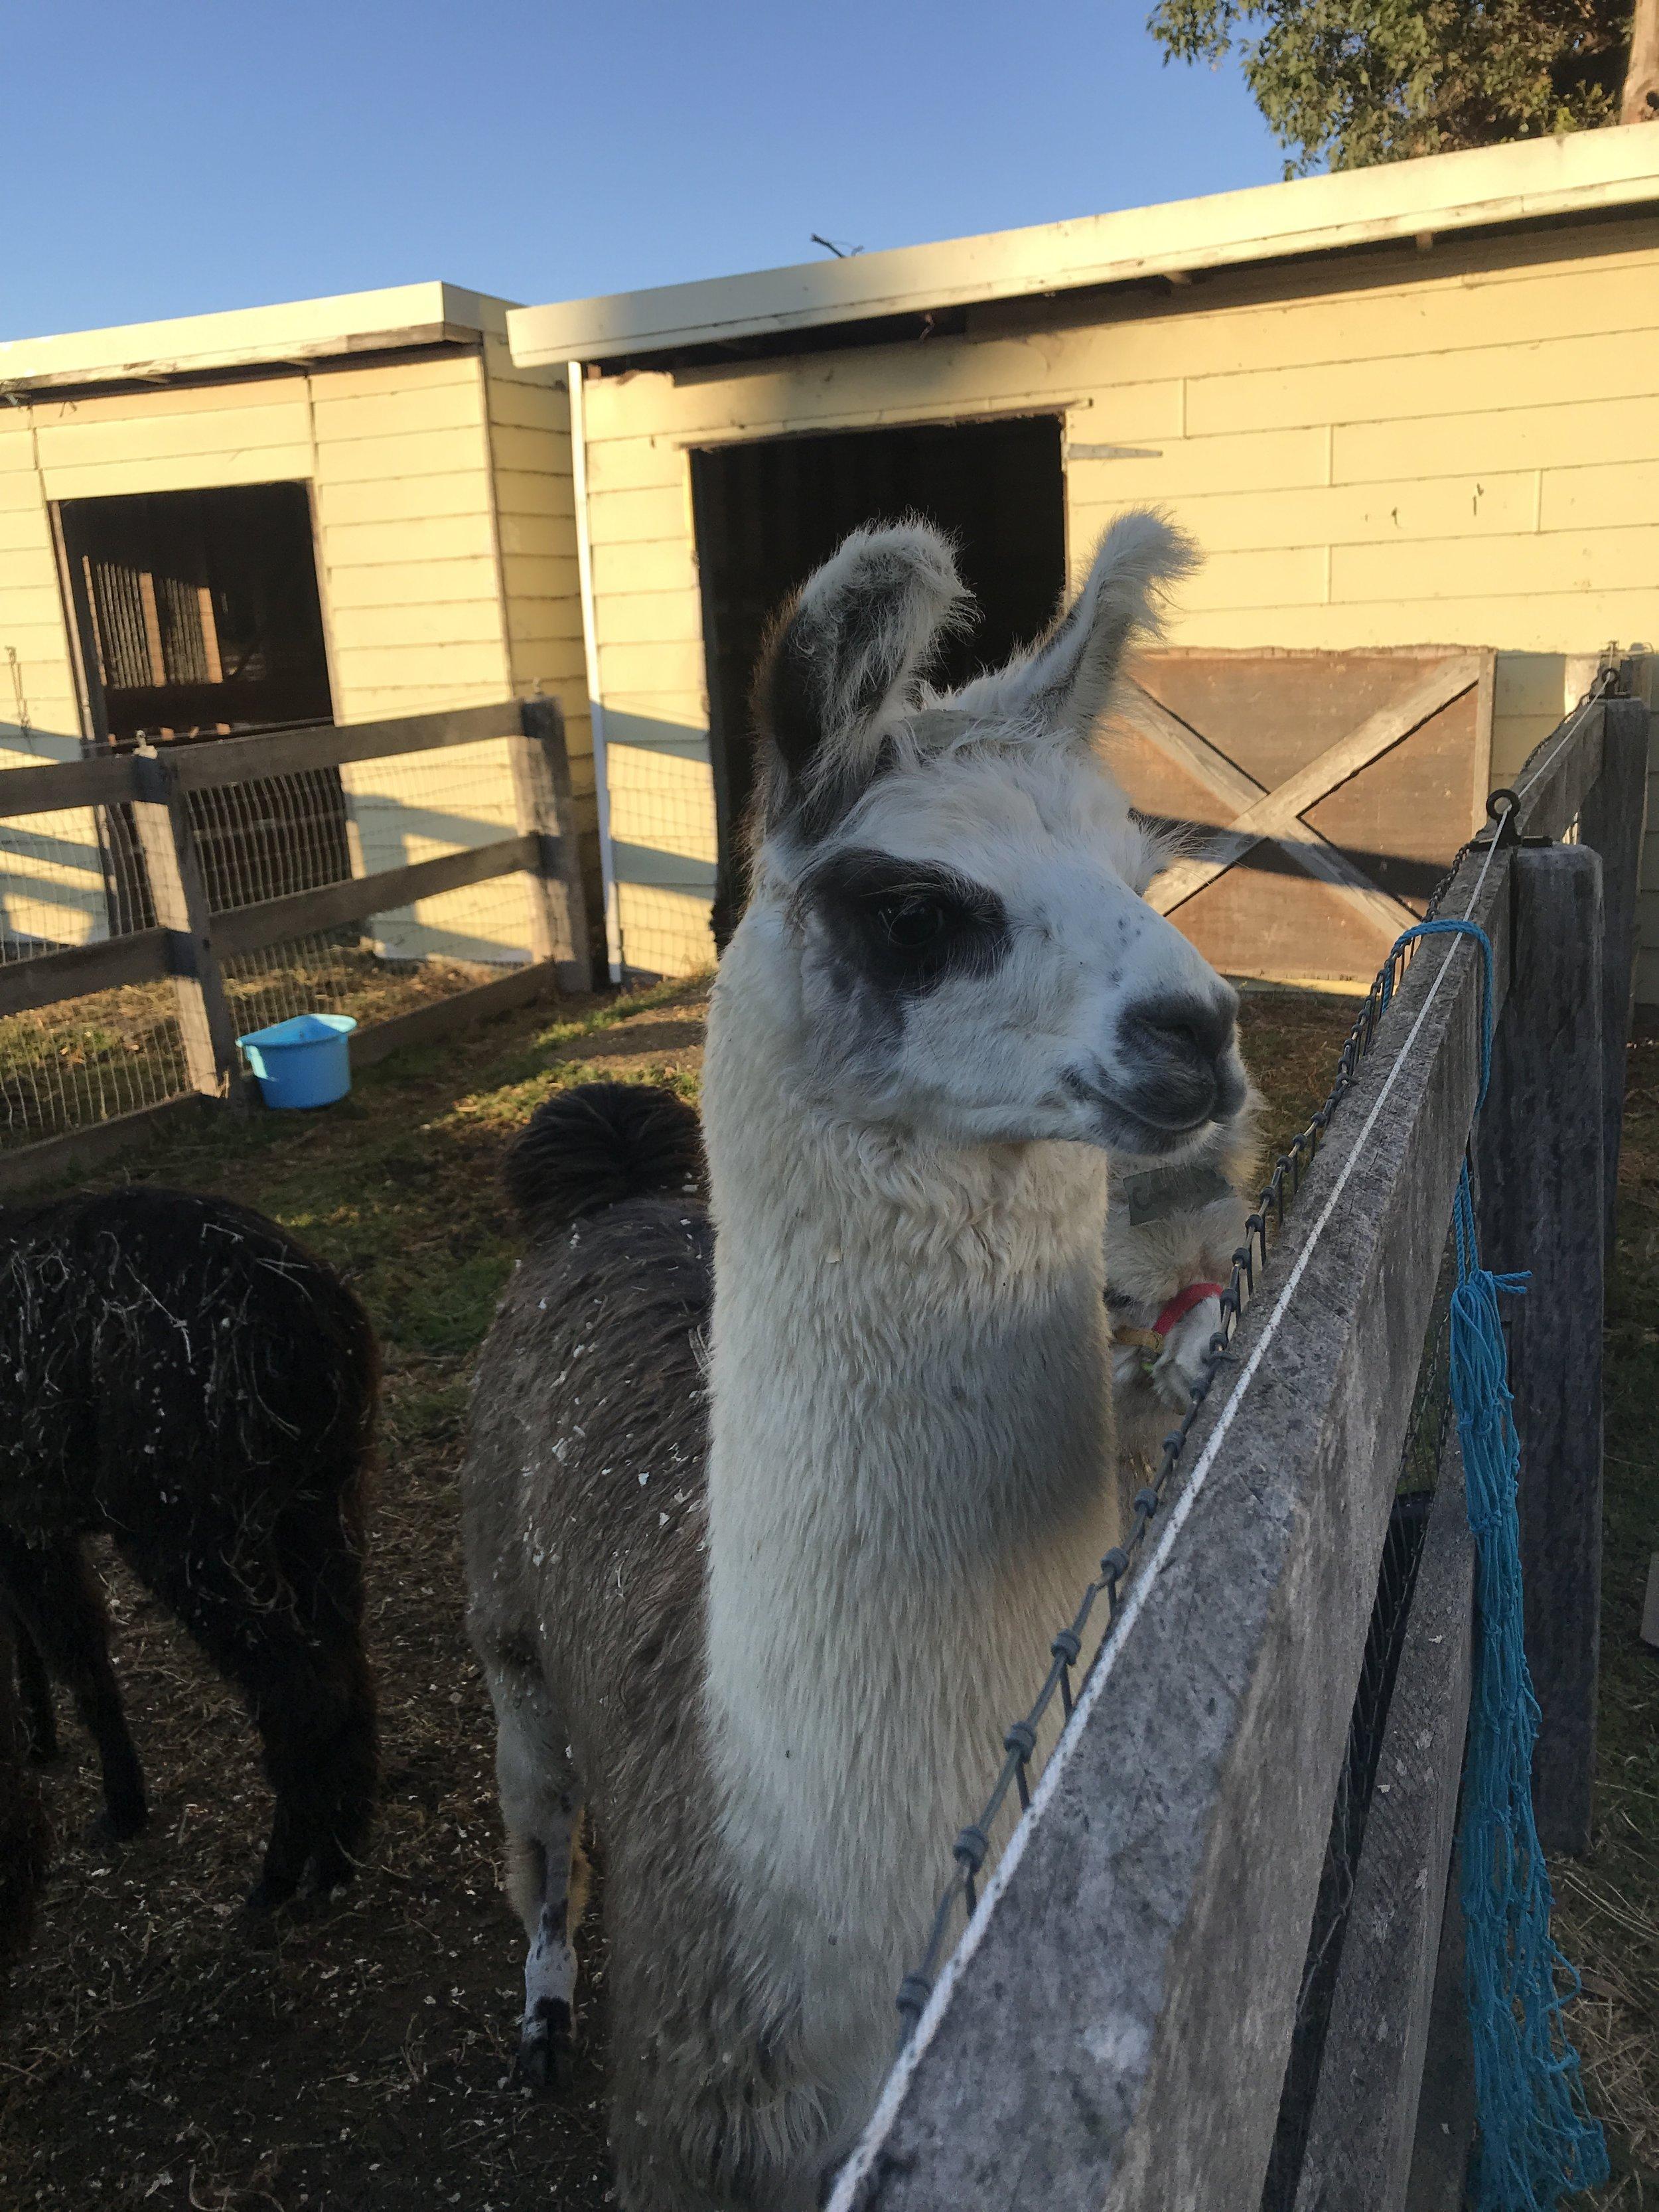 Loki The Llama